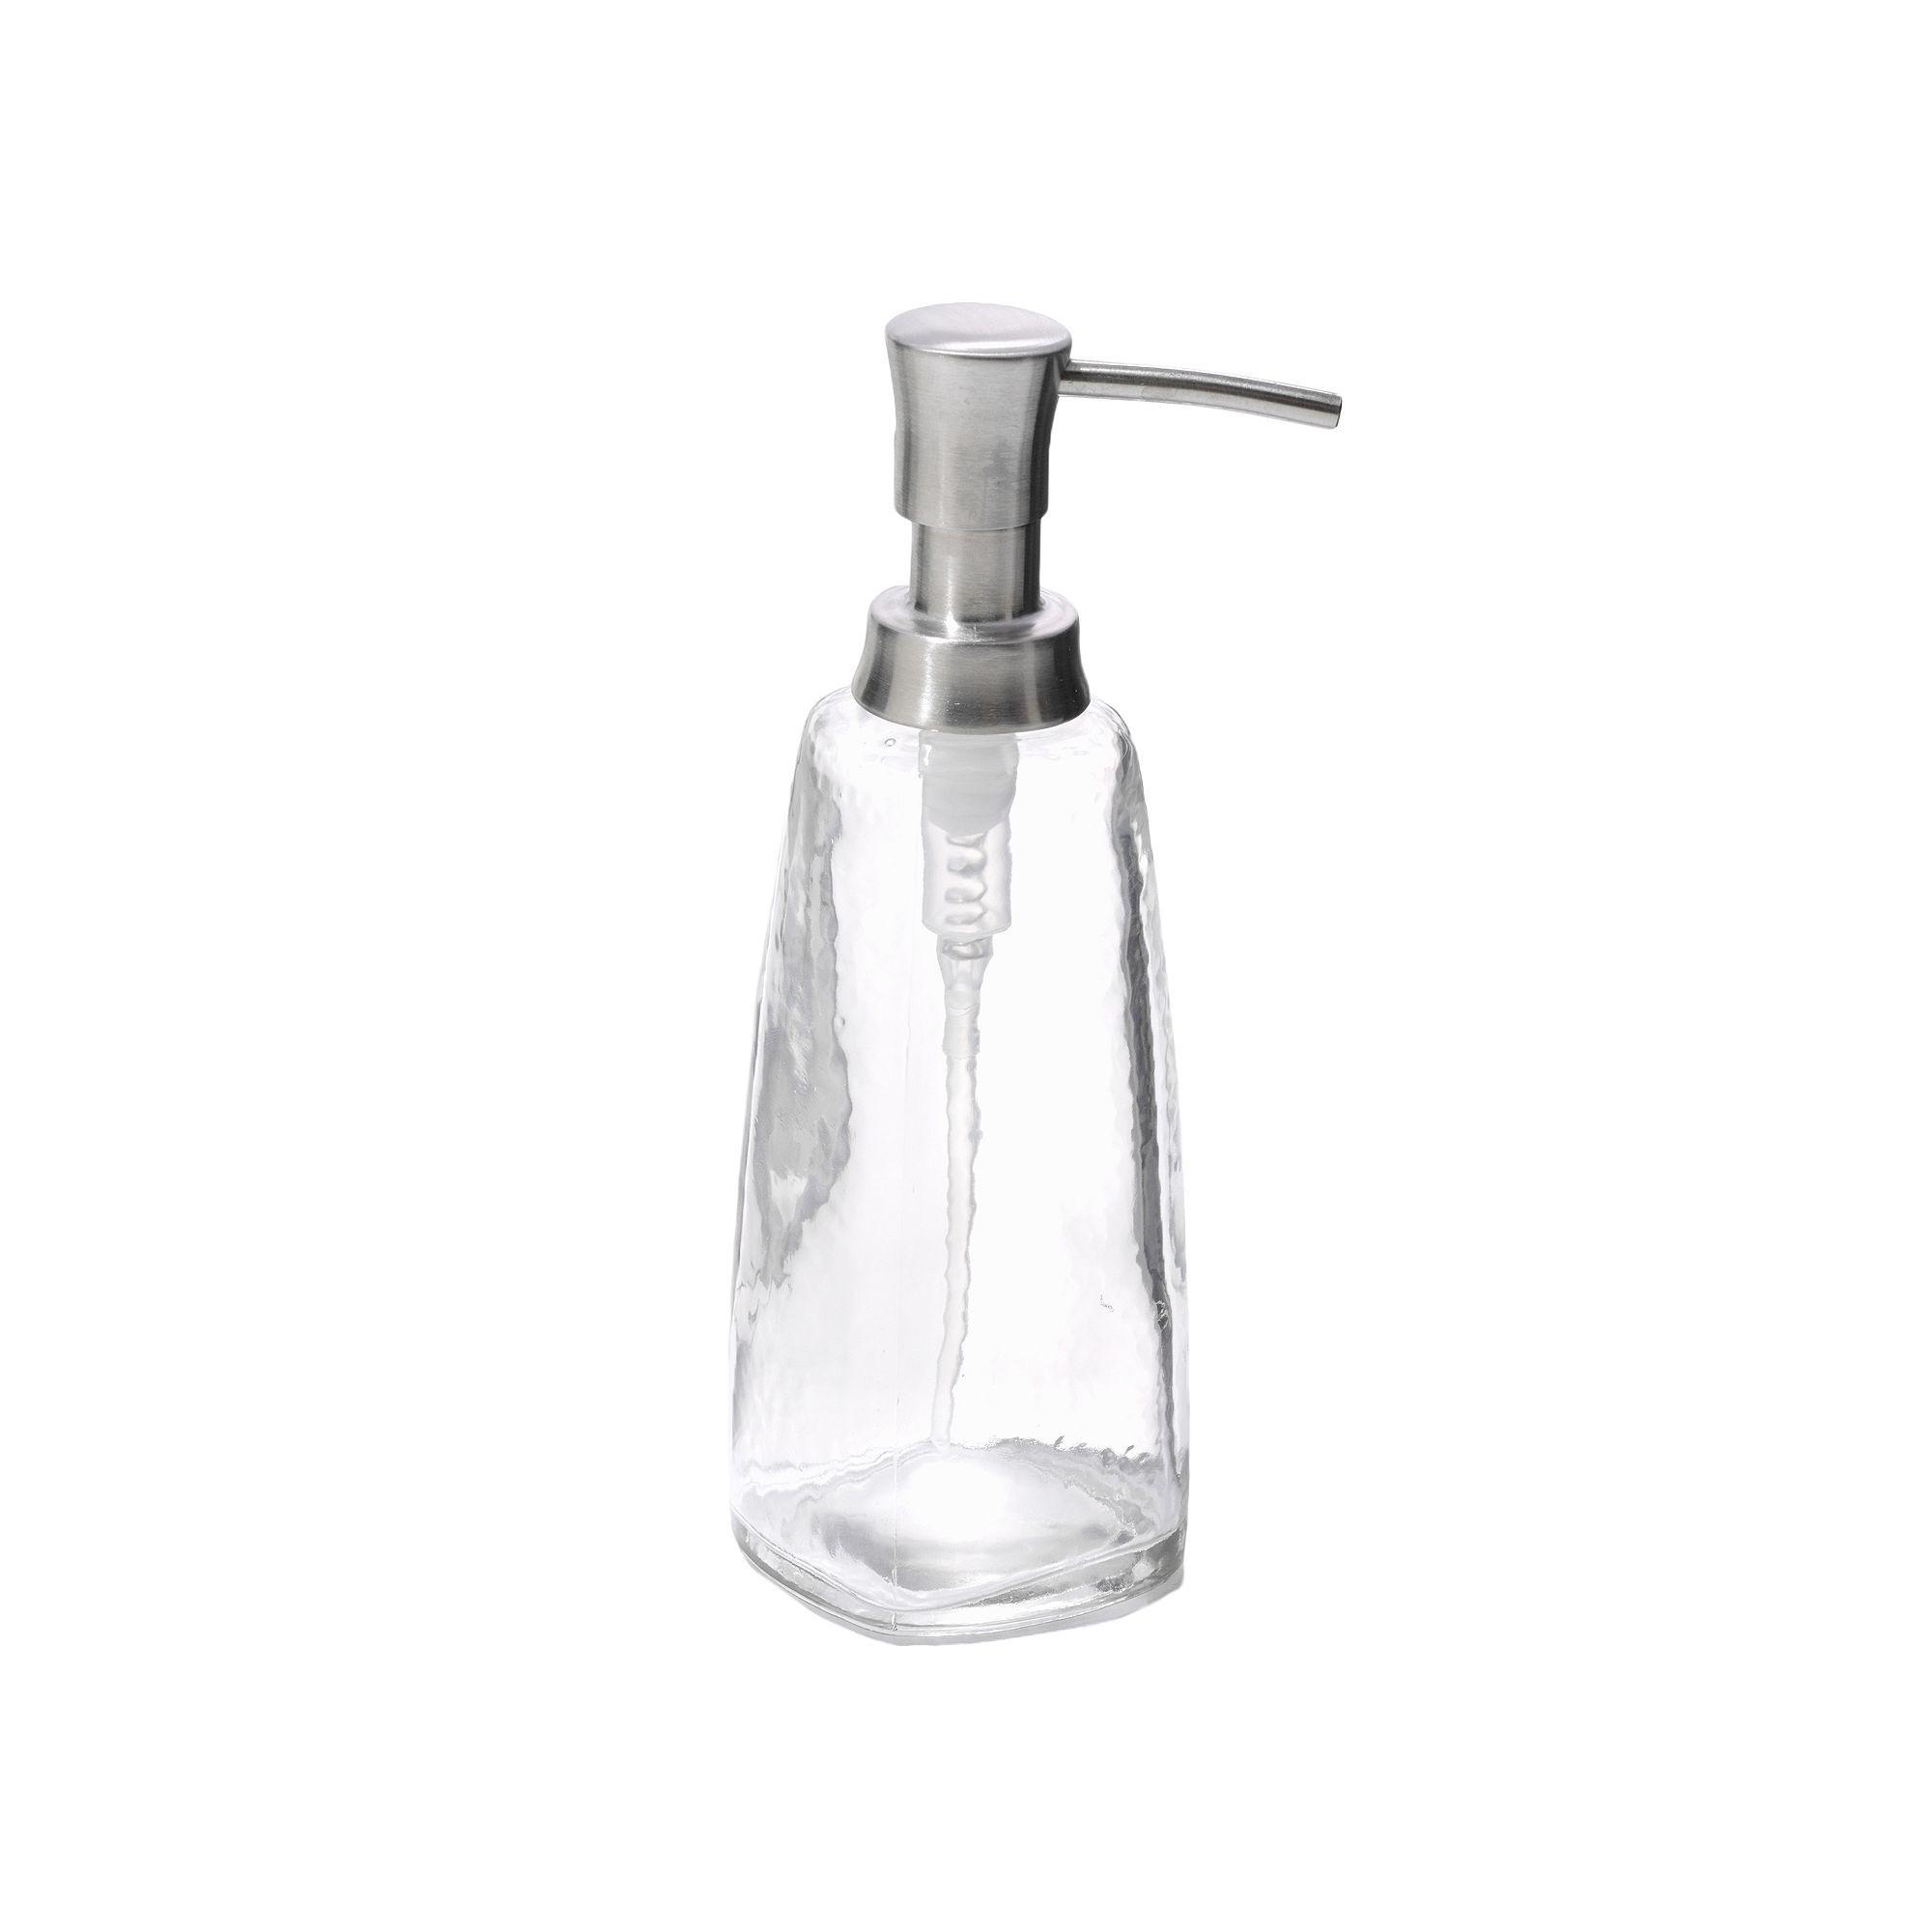 interDesign Vitri Glass Tall Soap Pump, Multicolor